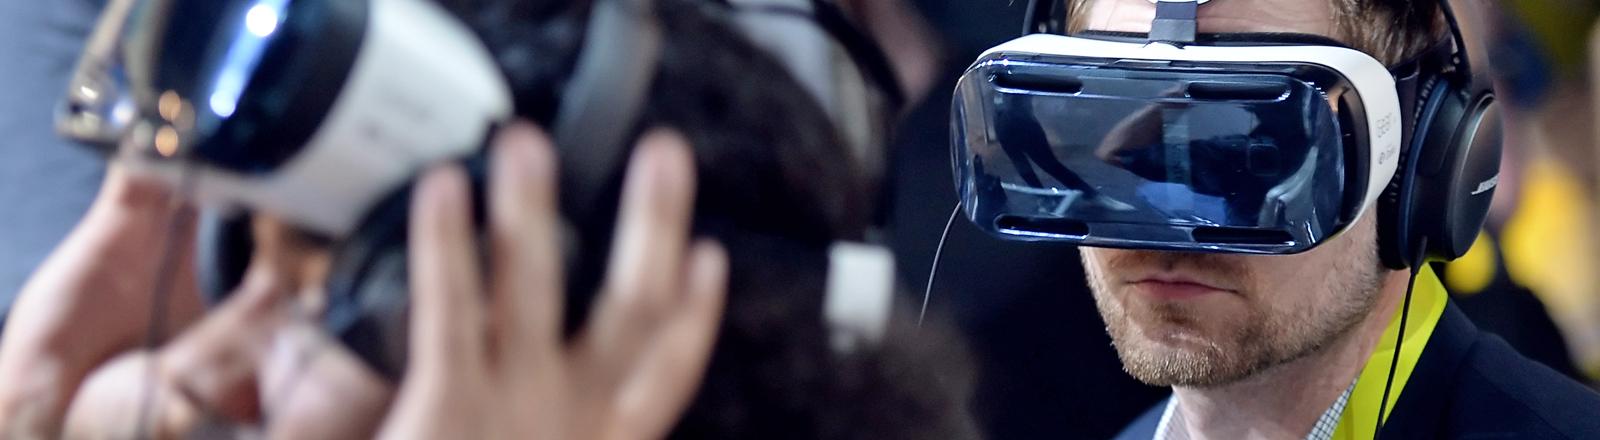 """Messebesucher sehen am 08.01.2015 in Las Vegas, USA, auf der CES (Consumer Electronics Show) durch Samsungs Videobrille """"Oculus VR's Gear VR Headset""""."""